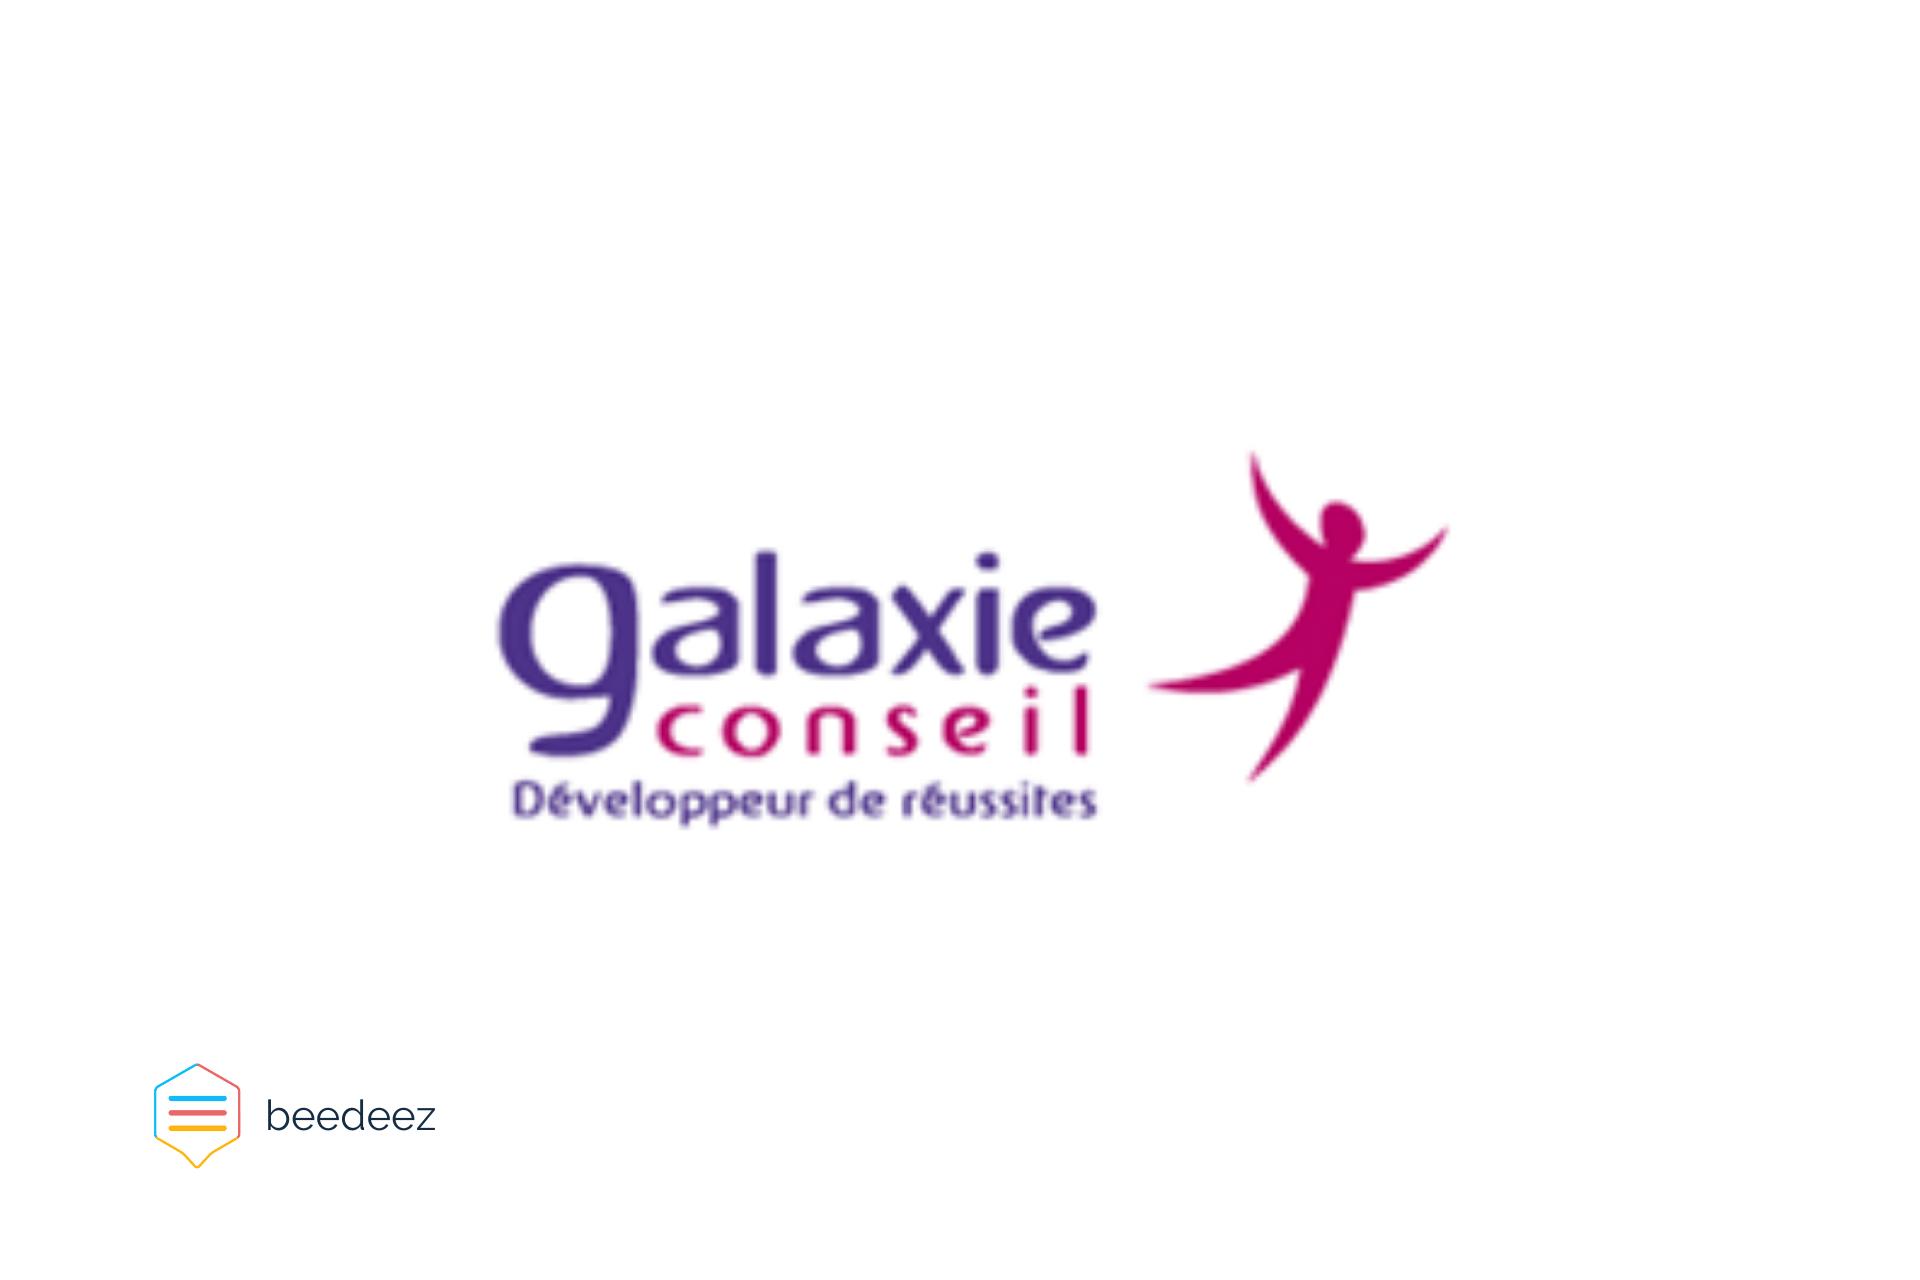 galaxie-conseil-cas-client